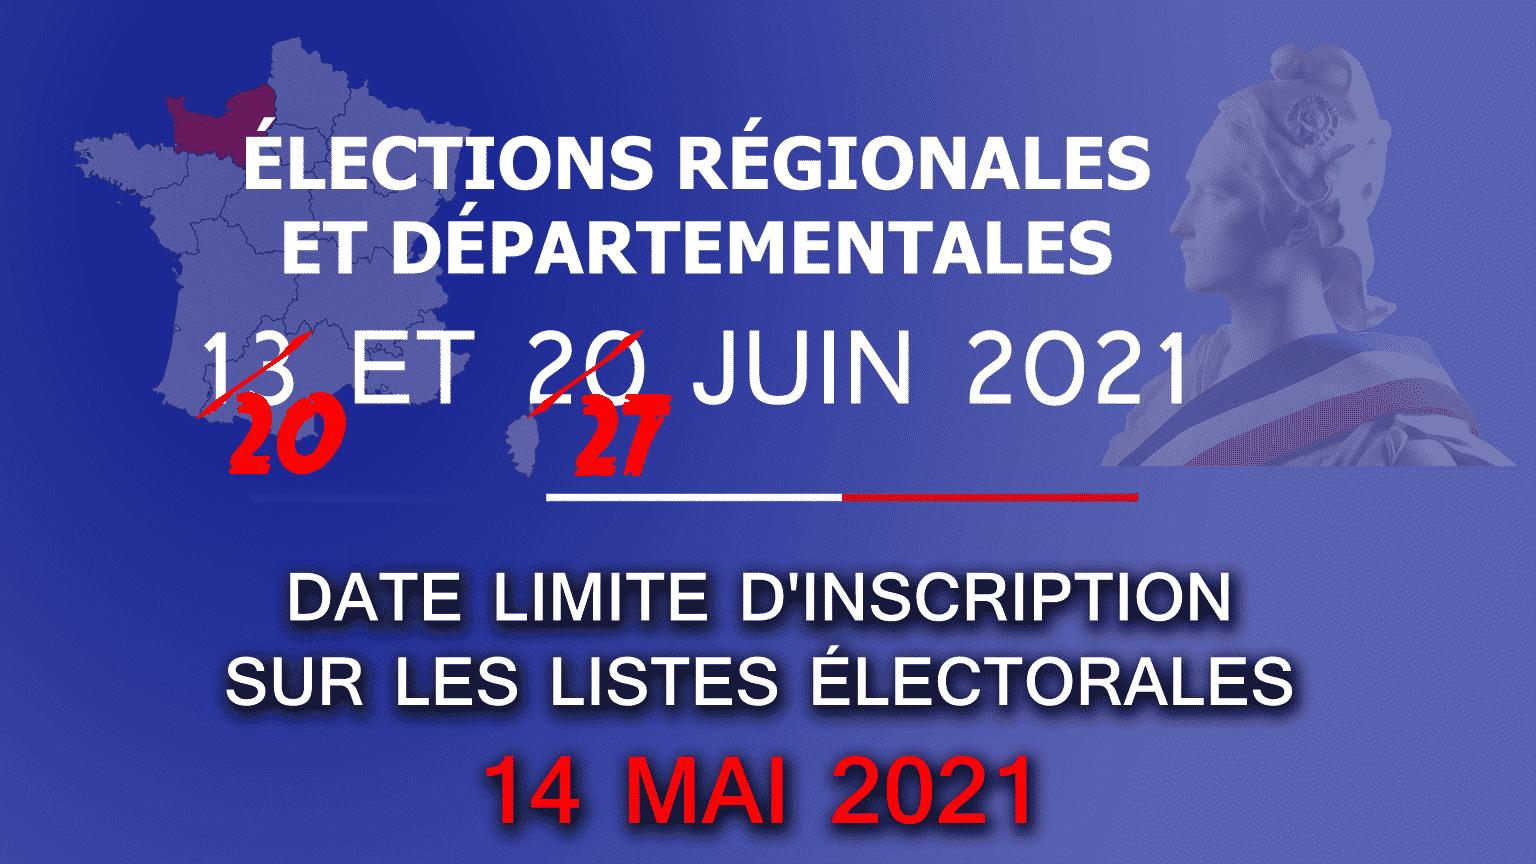 Élections départementales et régionales : peut-on encore s'inscrire et voter en 2021 ?